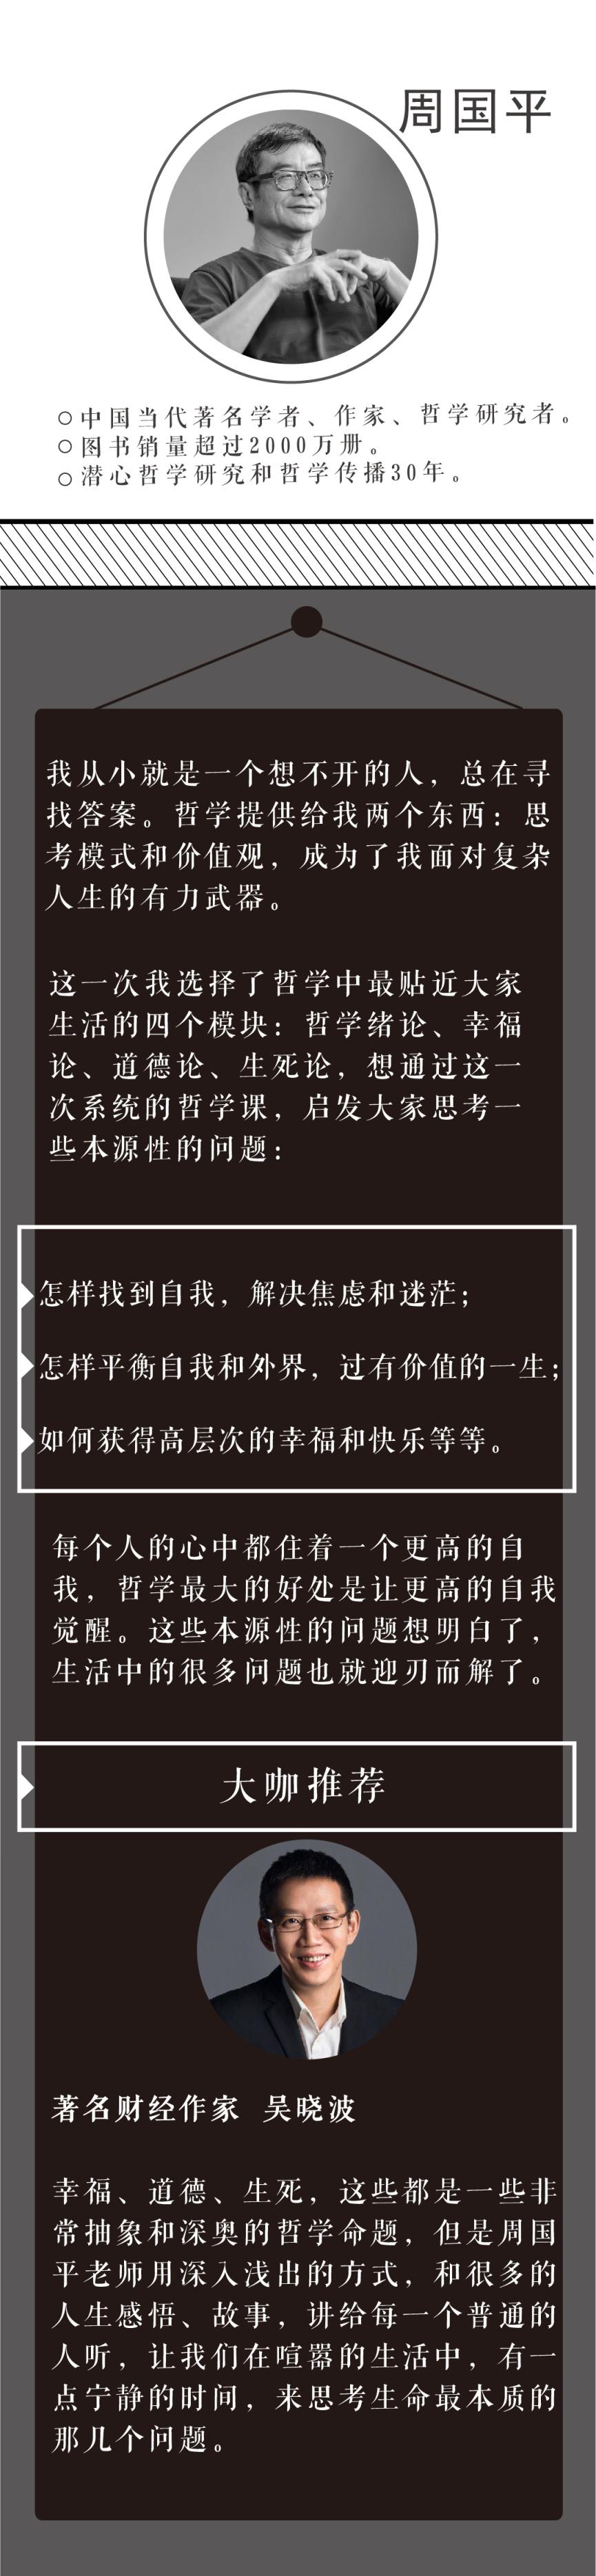 周国平详情图改-02.jpg